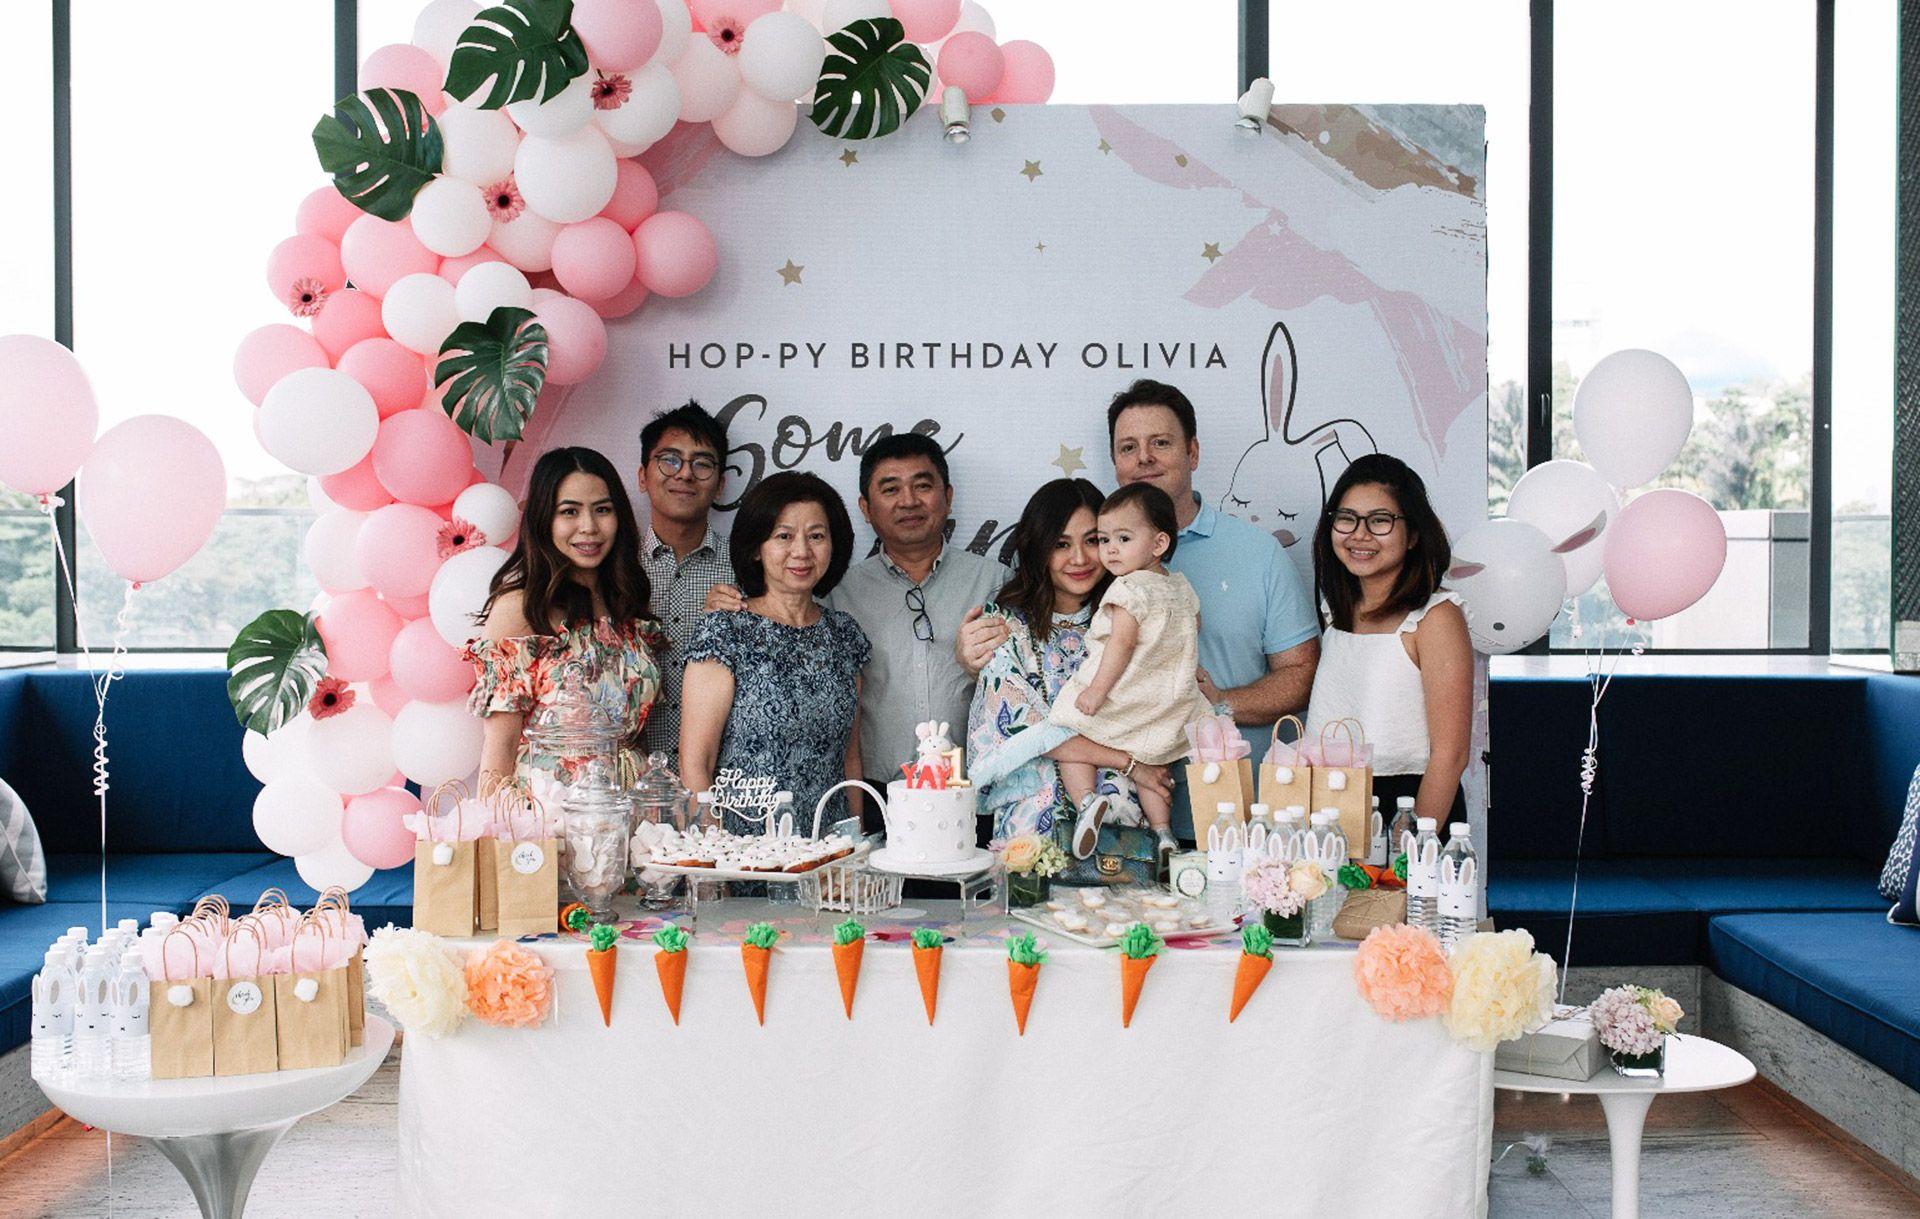 Kim Low, Jason Low, Low Seng Kern, Tan Siew Hua, Jenn Low, Olivia Hua Elliott, Luke Elliott and Joanne Low